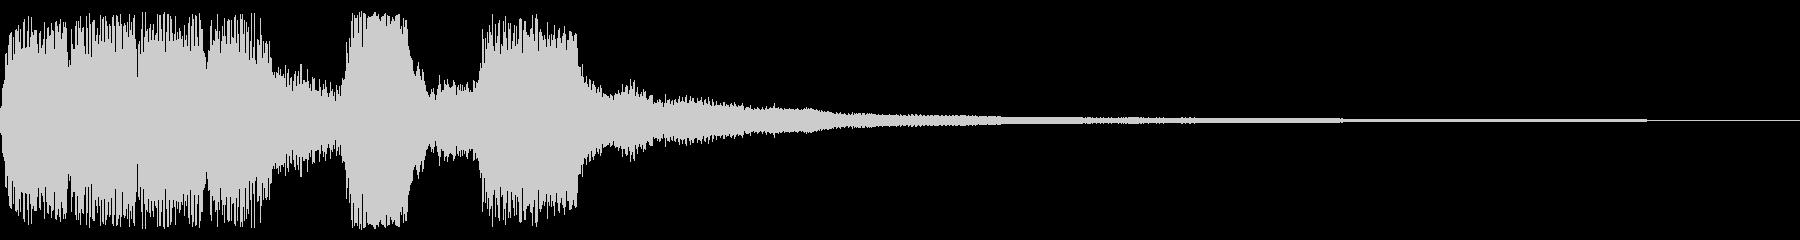 コミカル、レトロなゲームオーバー音の未再生の波形